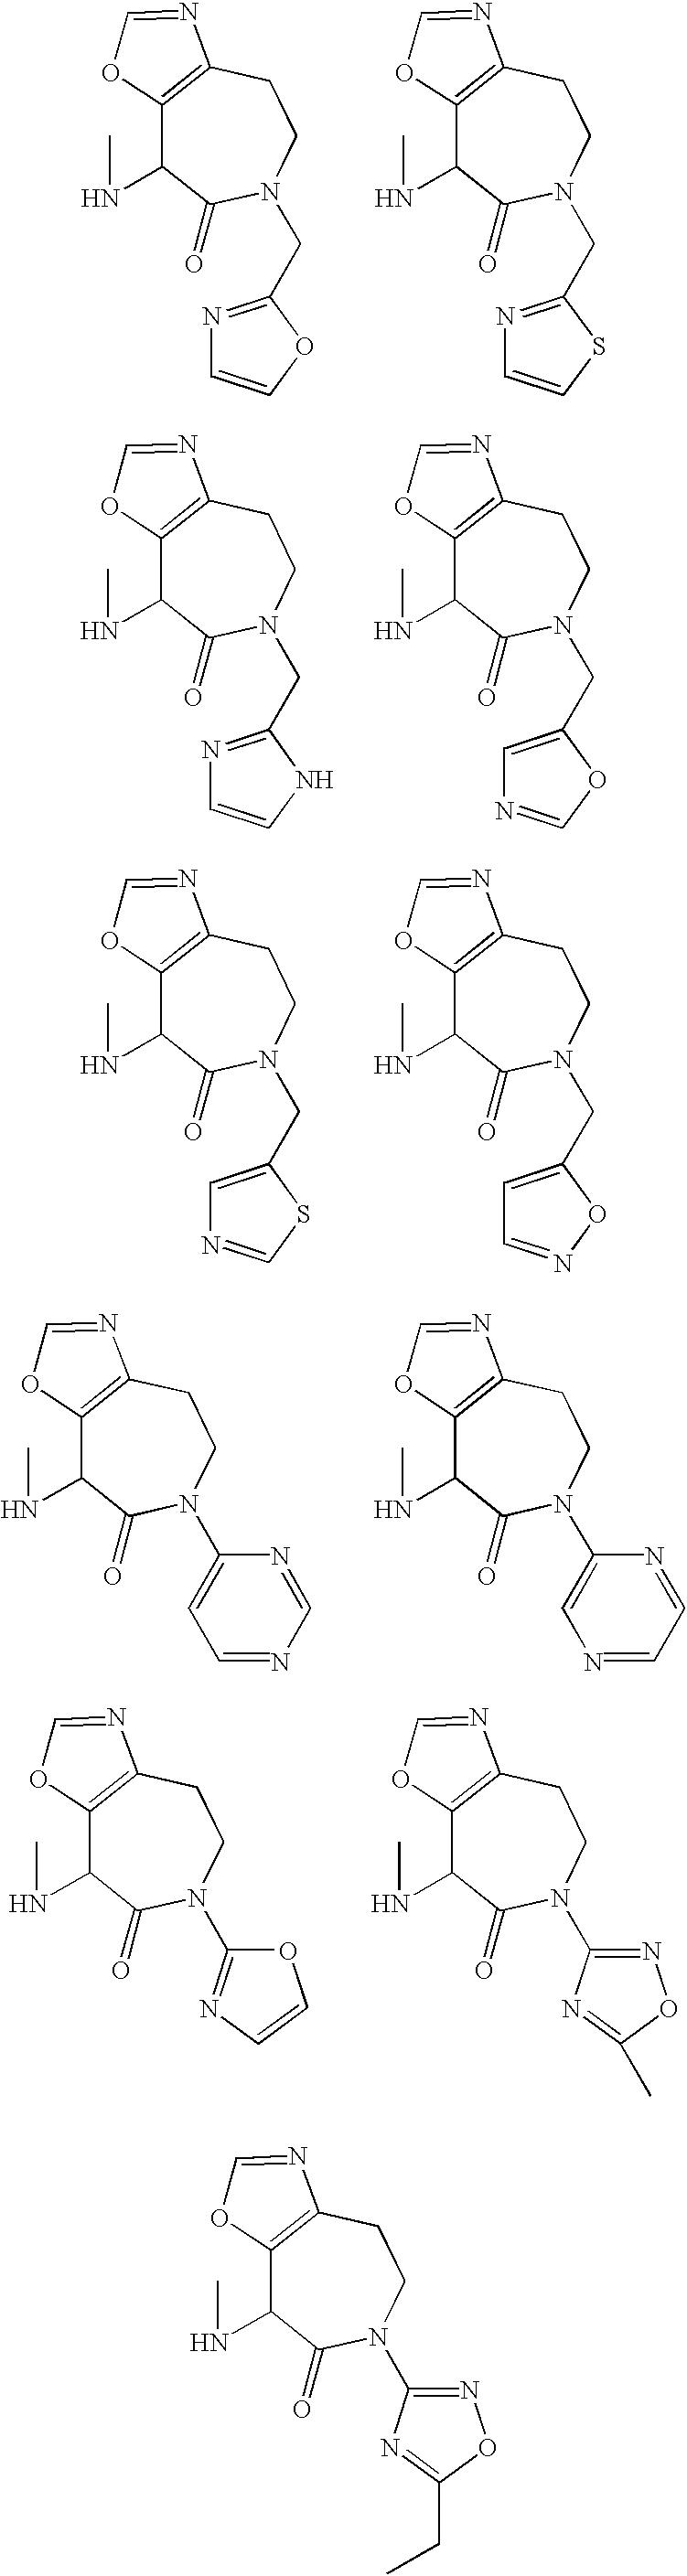 Figure US06509331-20030121-C00099